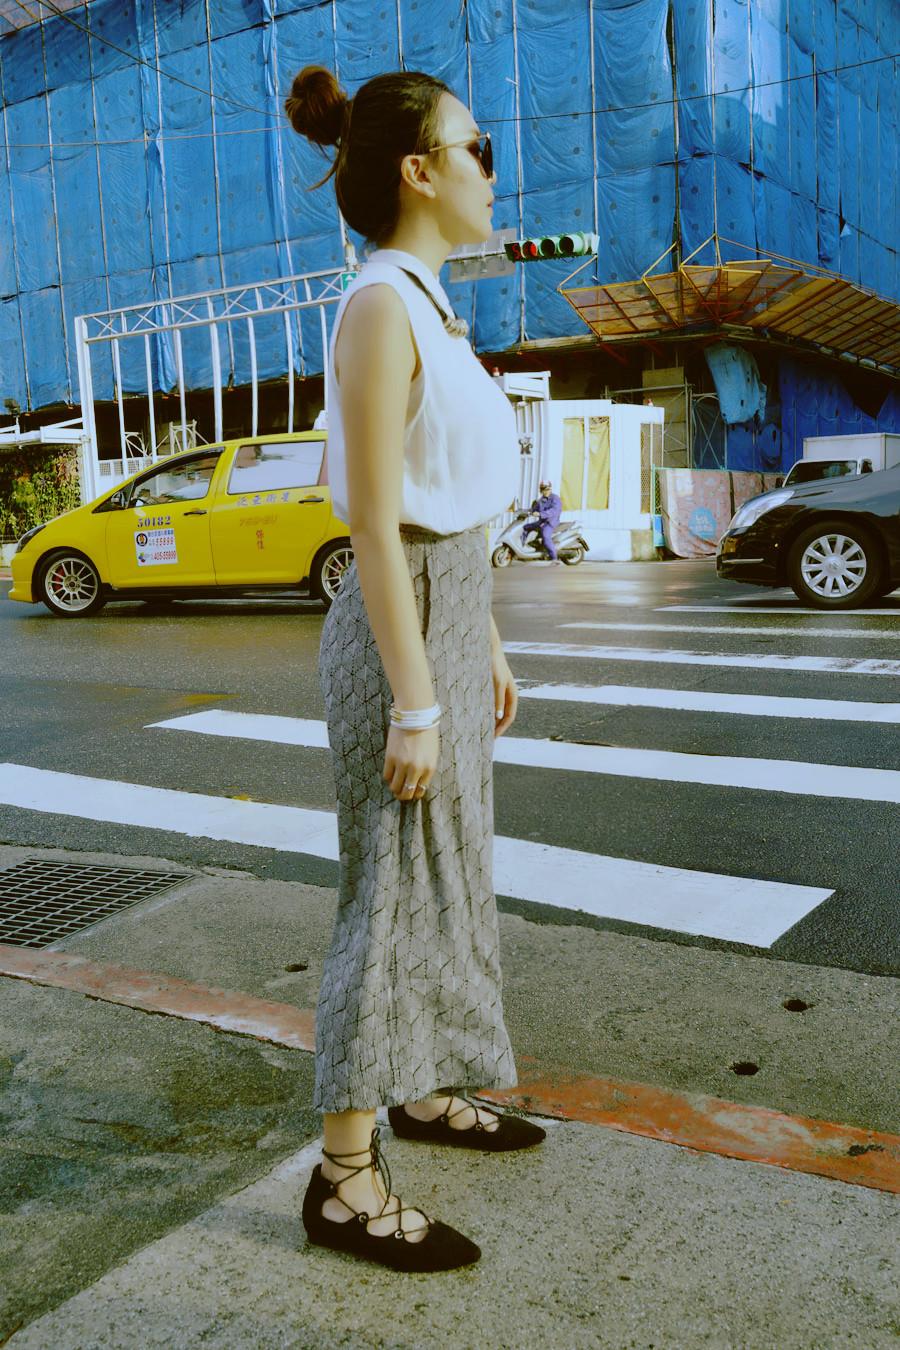 過馬路的Fashion